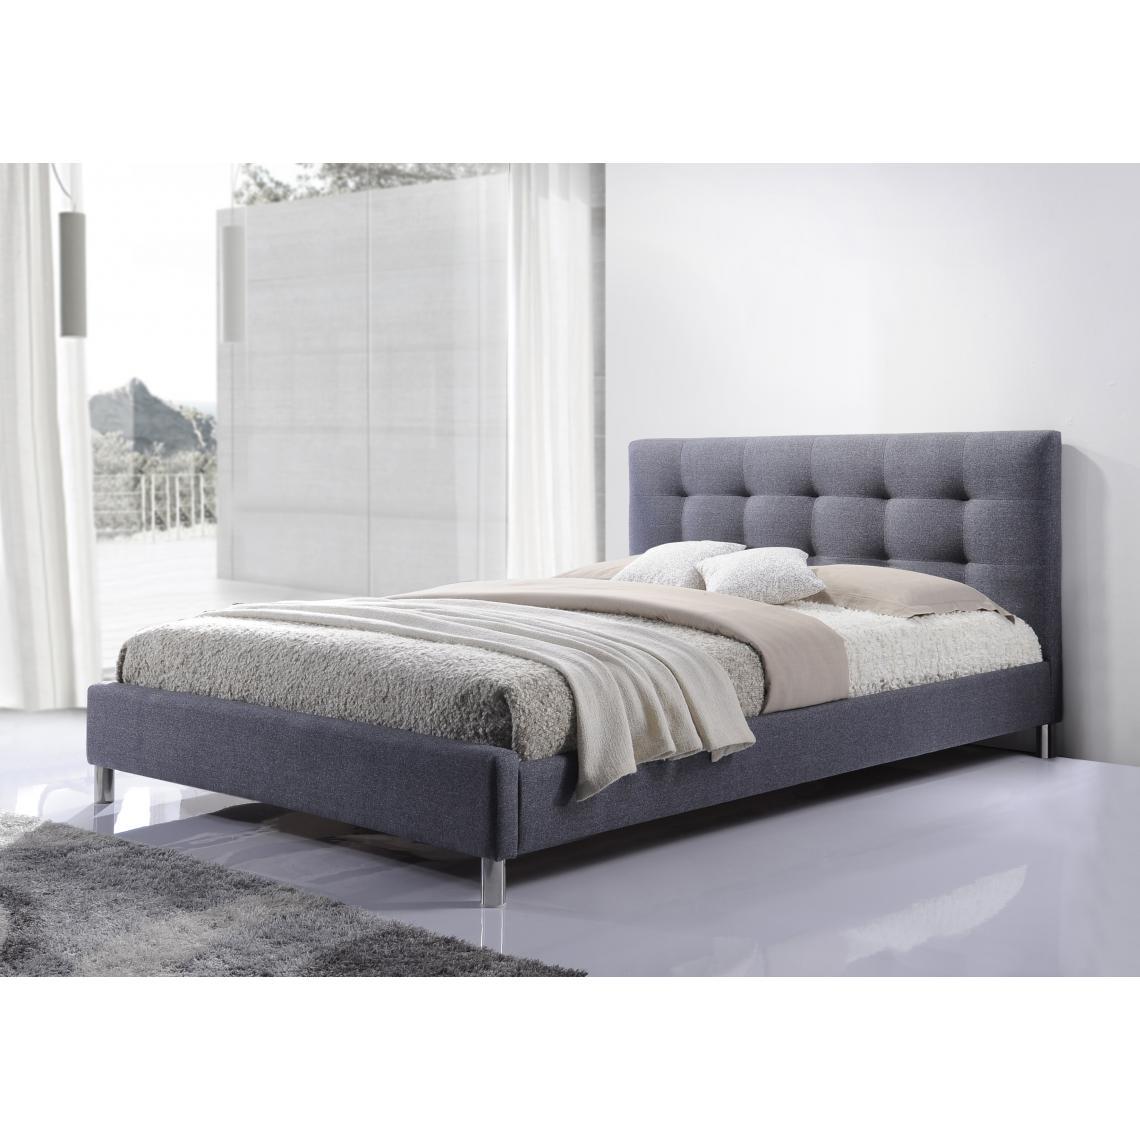 Tete De Lit Avec Coussin Comment Faire lit gris tissu avec tête de lit capitonné 160 nala 1 avis plus de détails